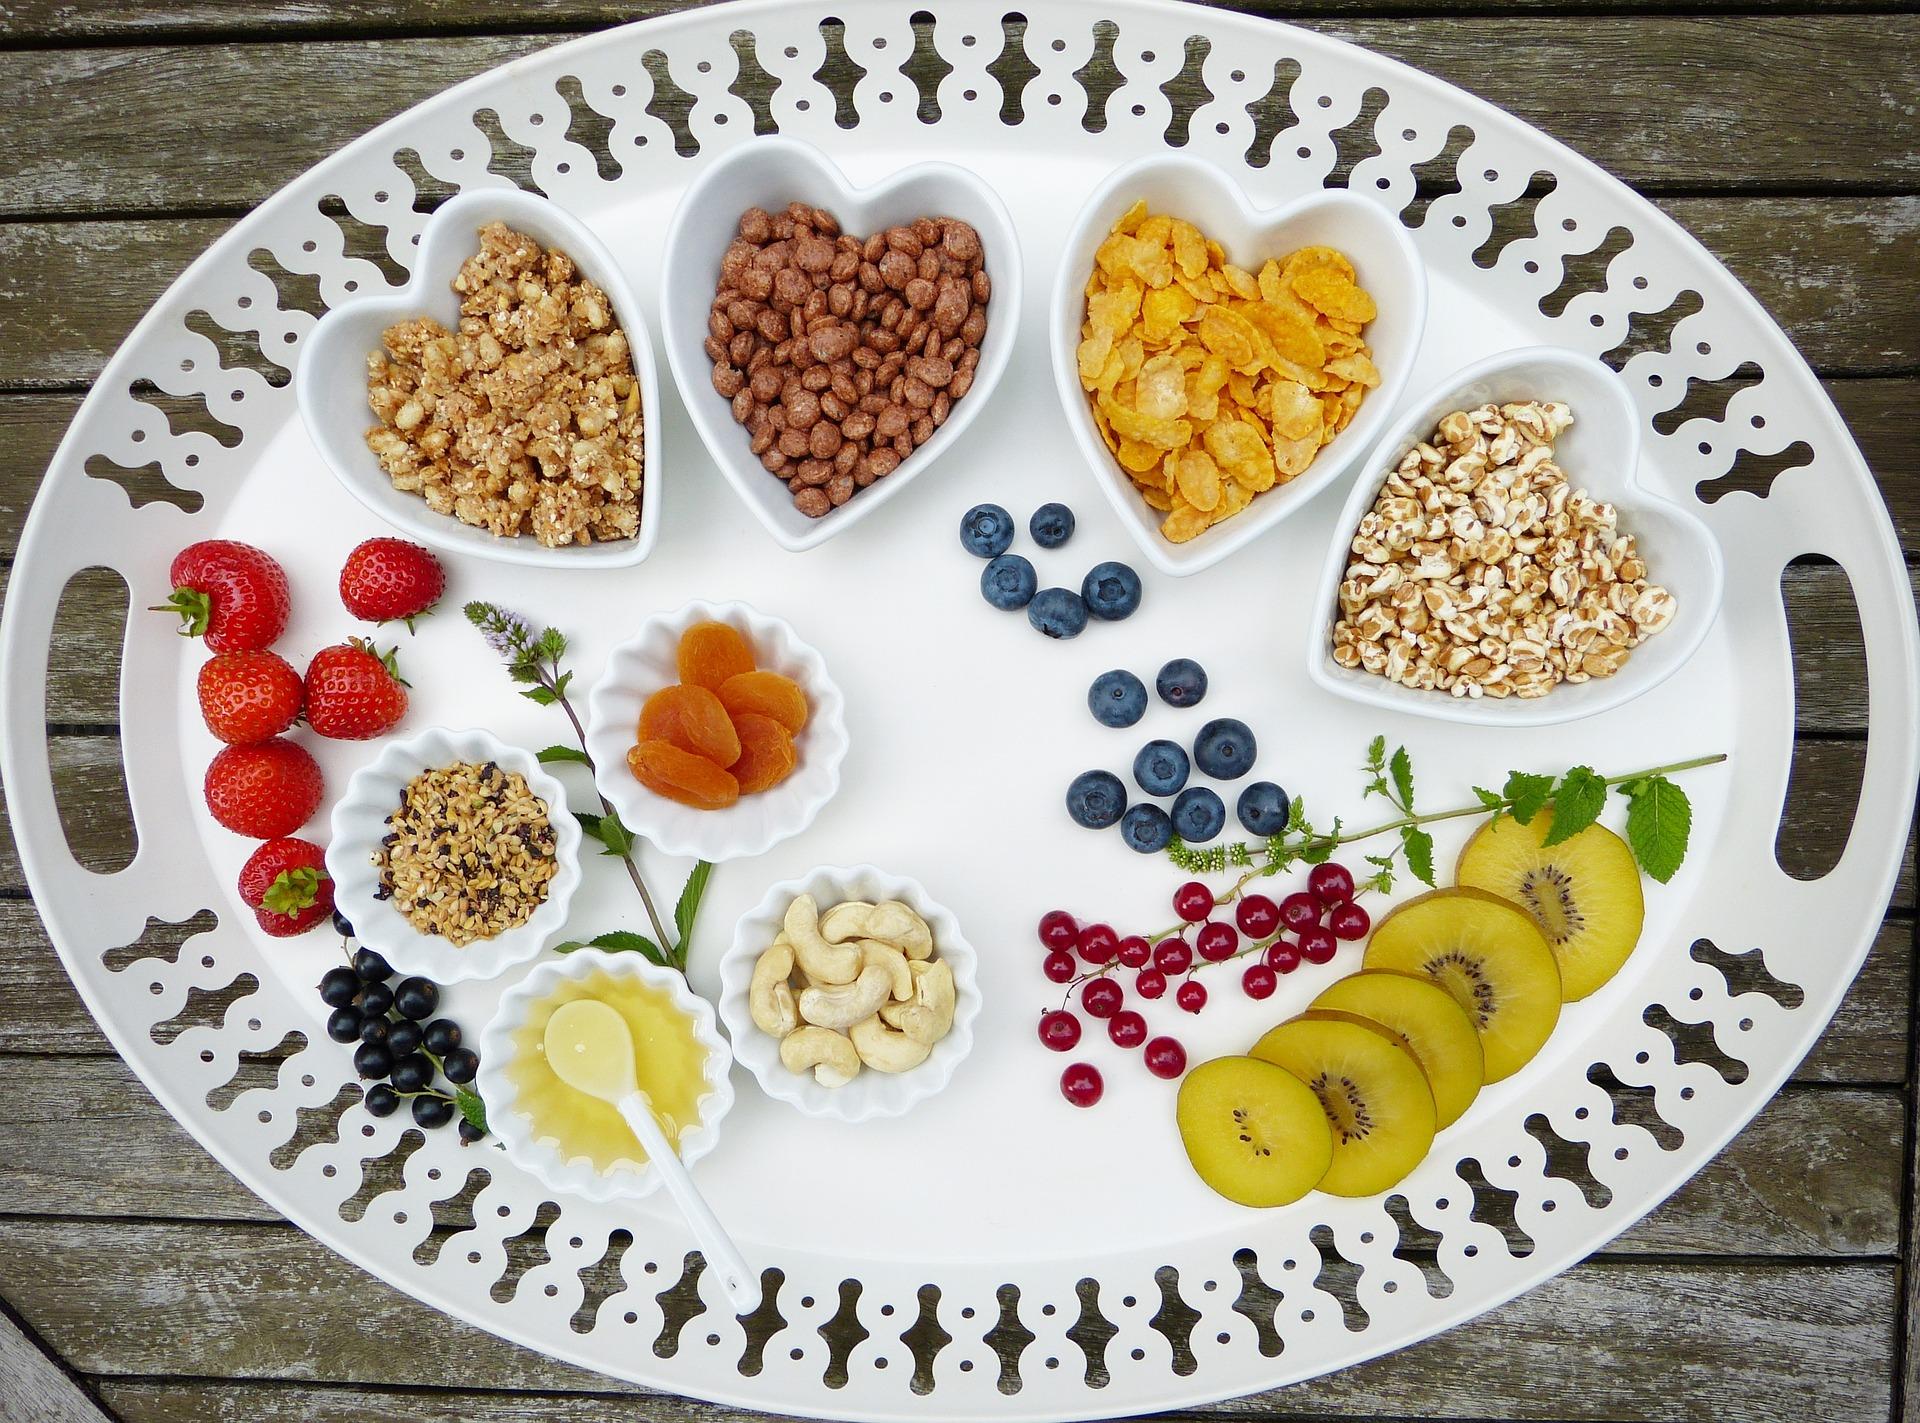 Diete Per Perdere Peso In Un Mese : Dieta per dimagrire come perdere peso velocemente dimagrimento